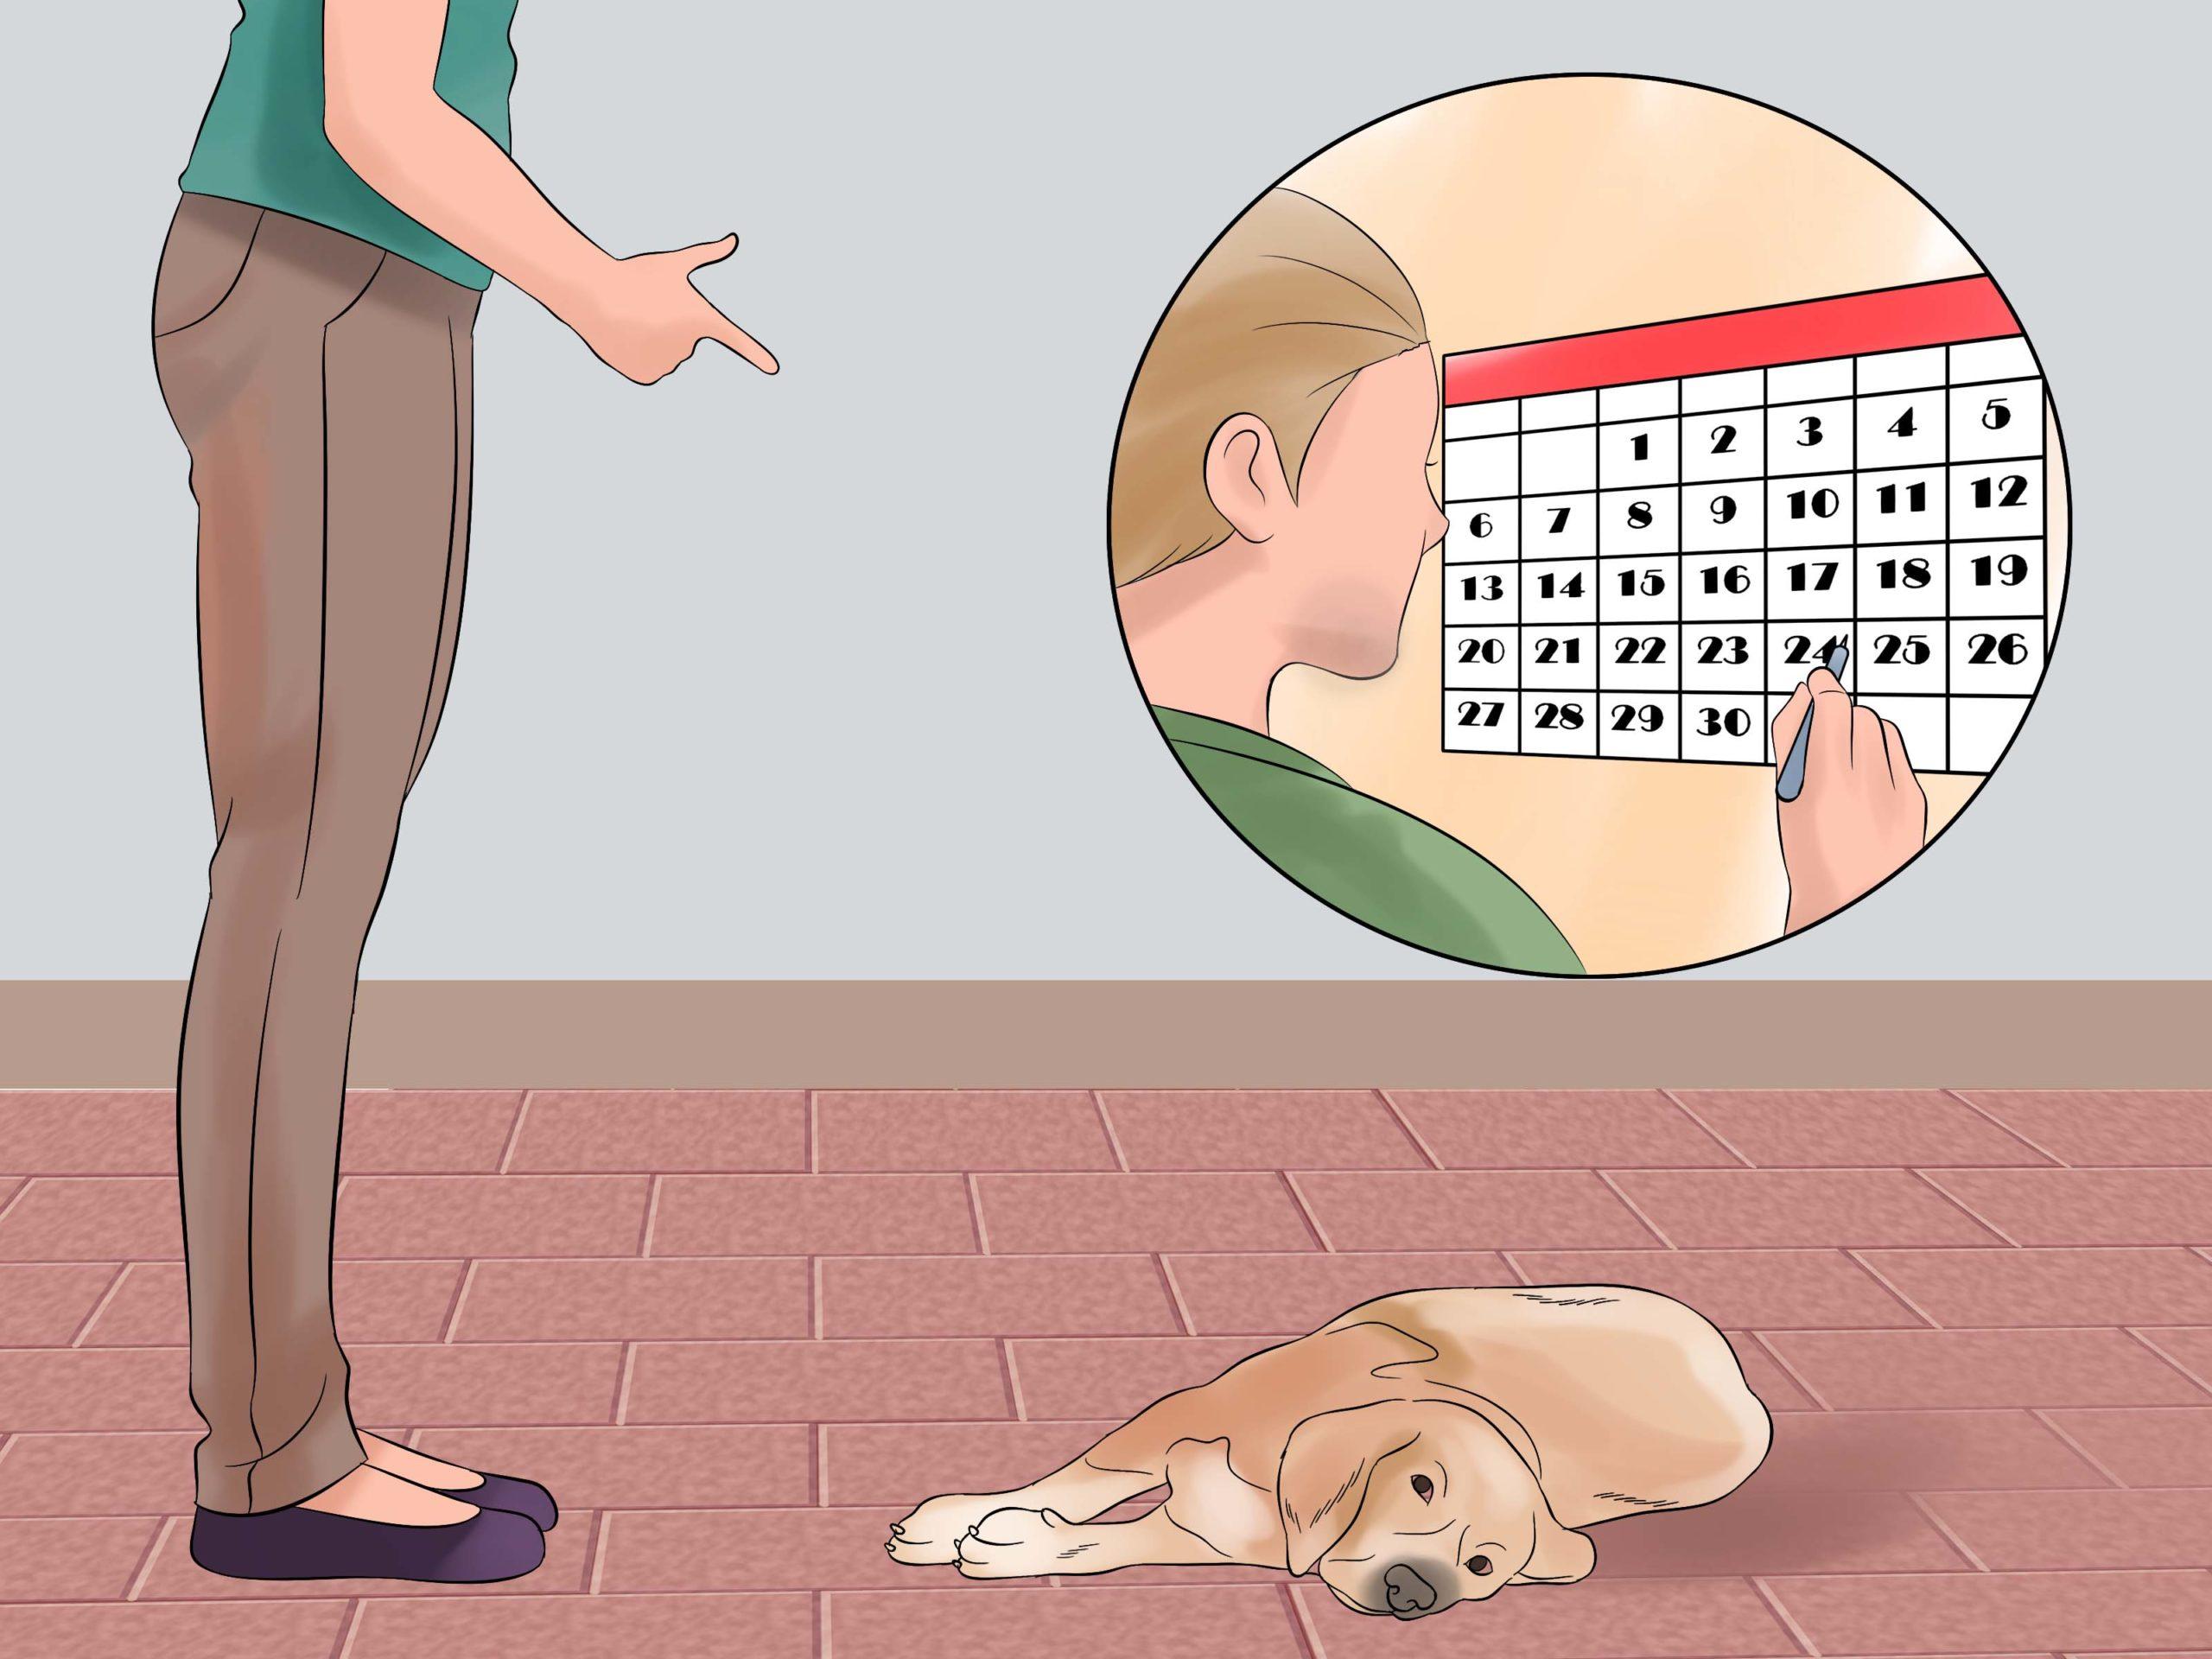 Cách huấn luyện chó giả chết đơn giản tại nhà